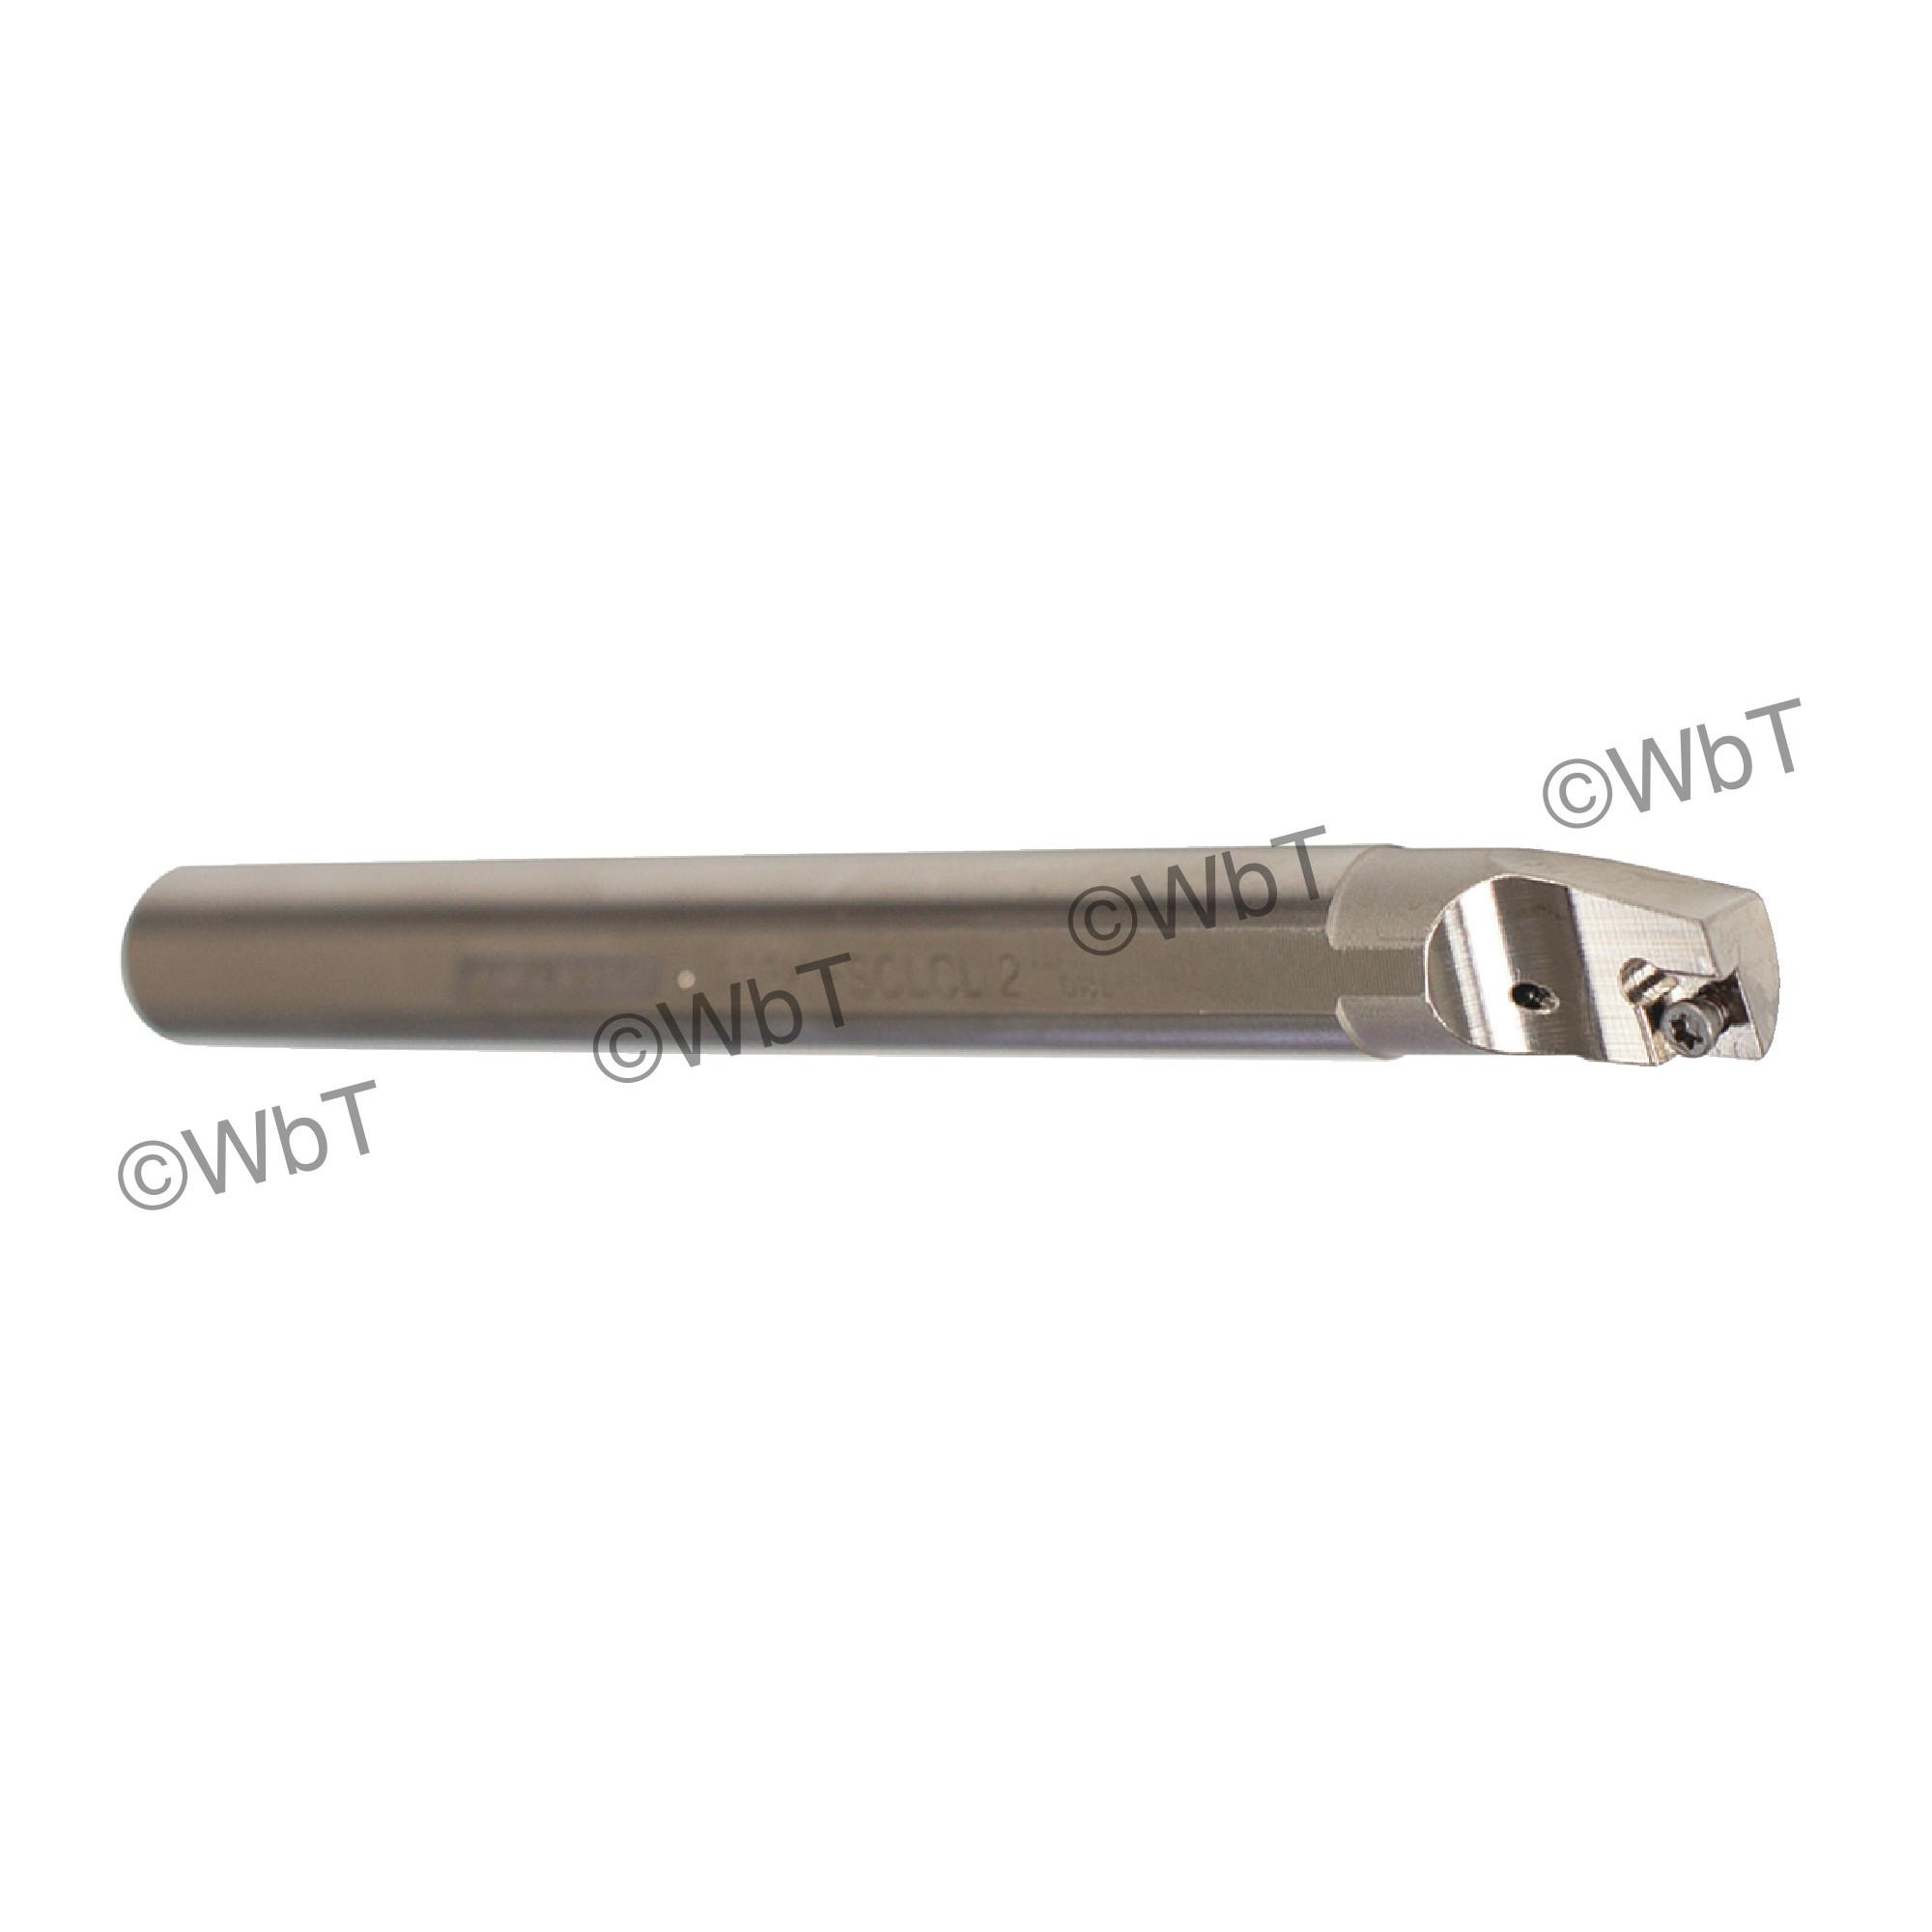 """AKUMA - A08K-SCLCL-2 / Steel Boring Bar / 1/2"""" Shank / CCMT2(1.5)_ / Cooalnt Thru / Left Hand"""